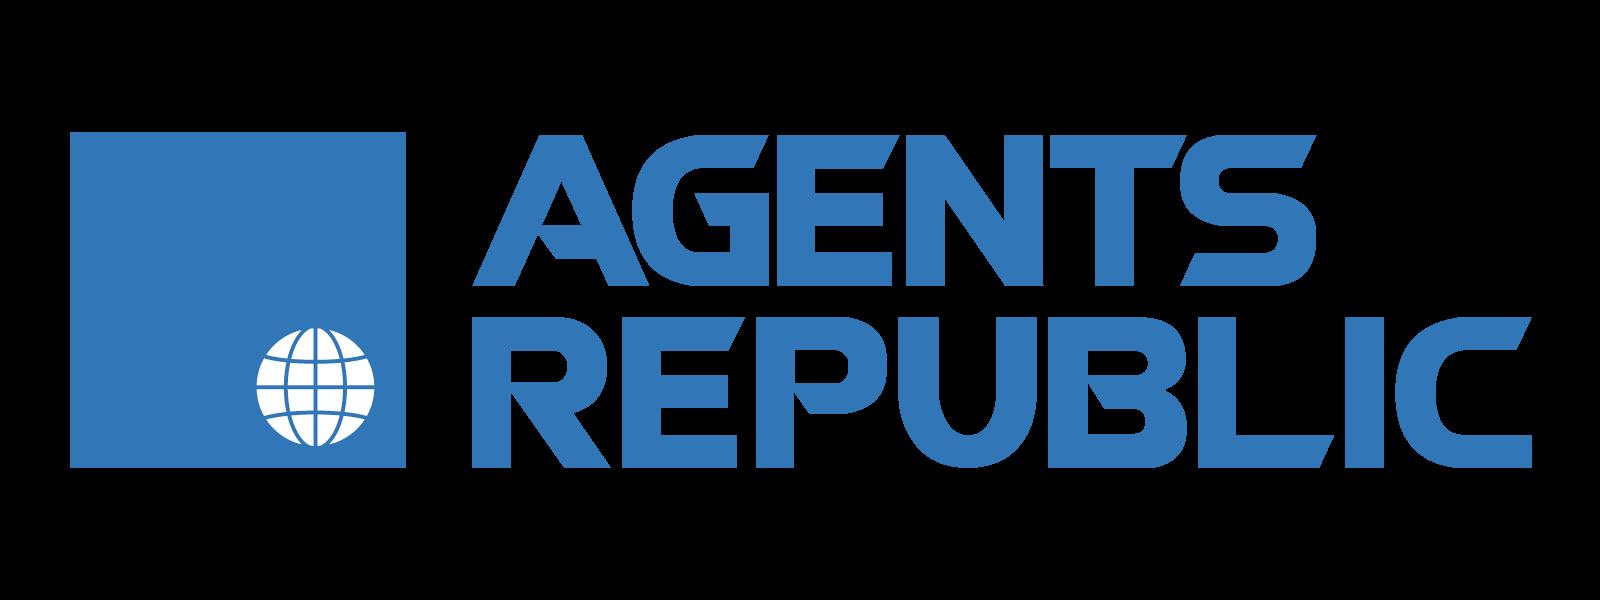 Agents Republic